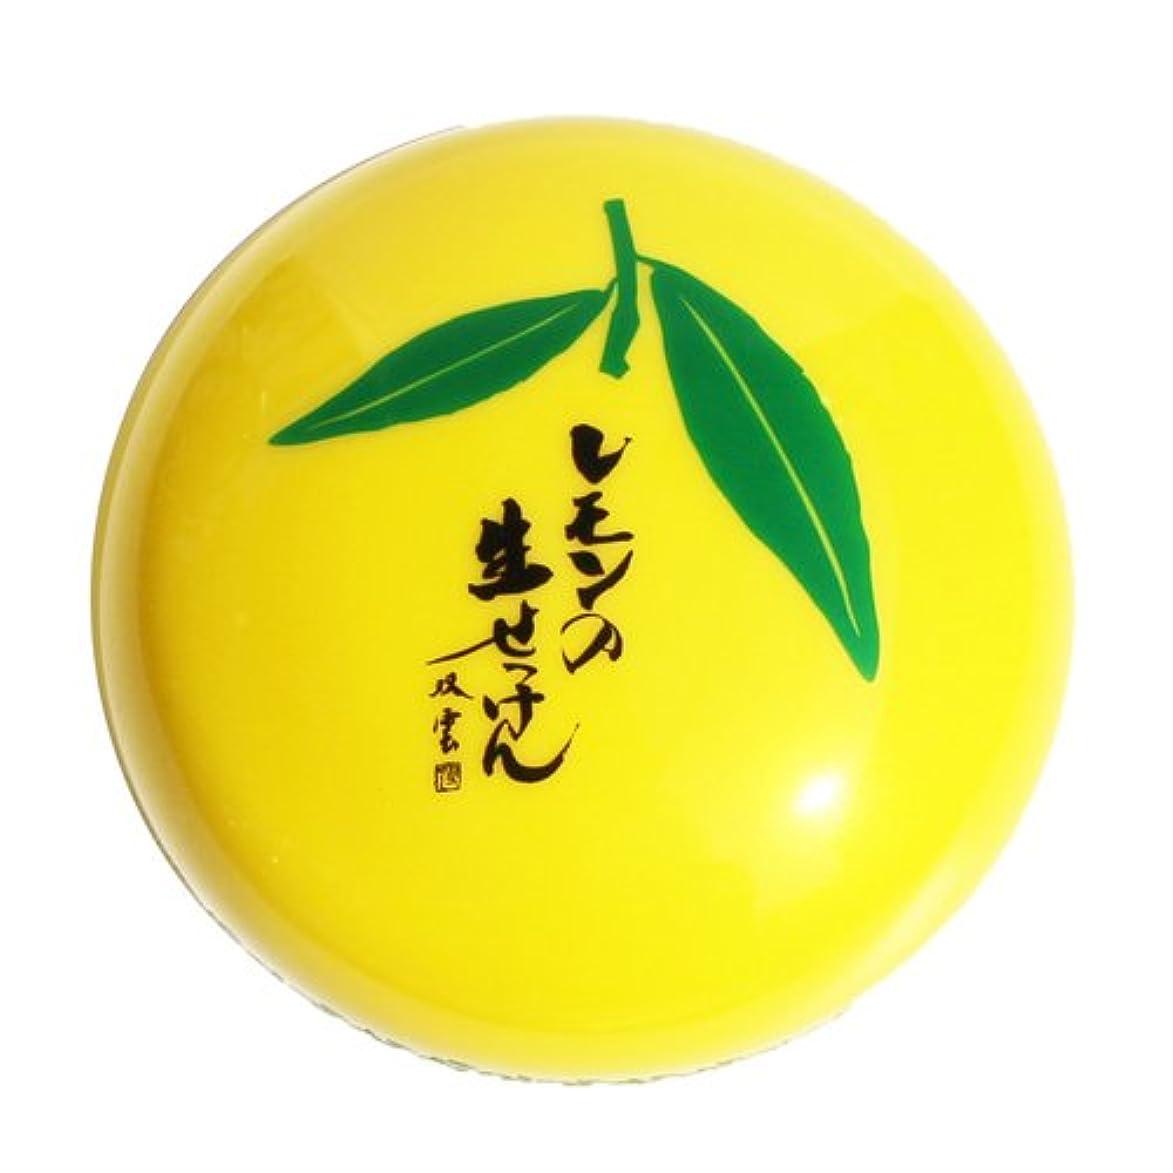 マイルイタリアの原子炉美香柑 レモンの生せっけん 120g